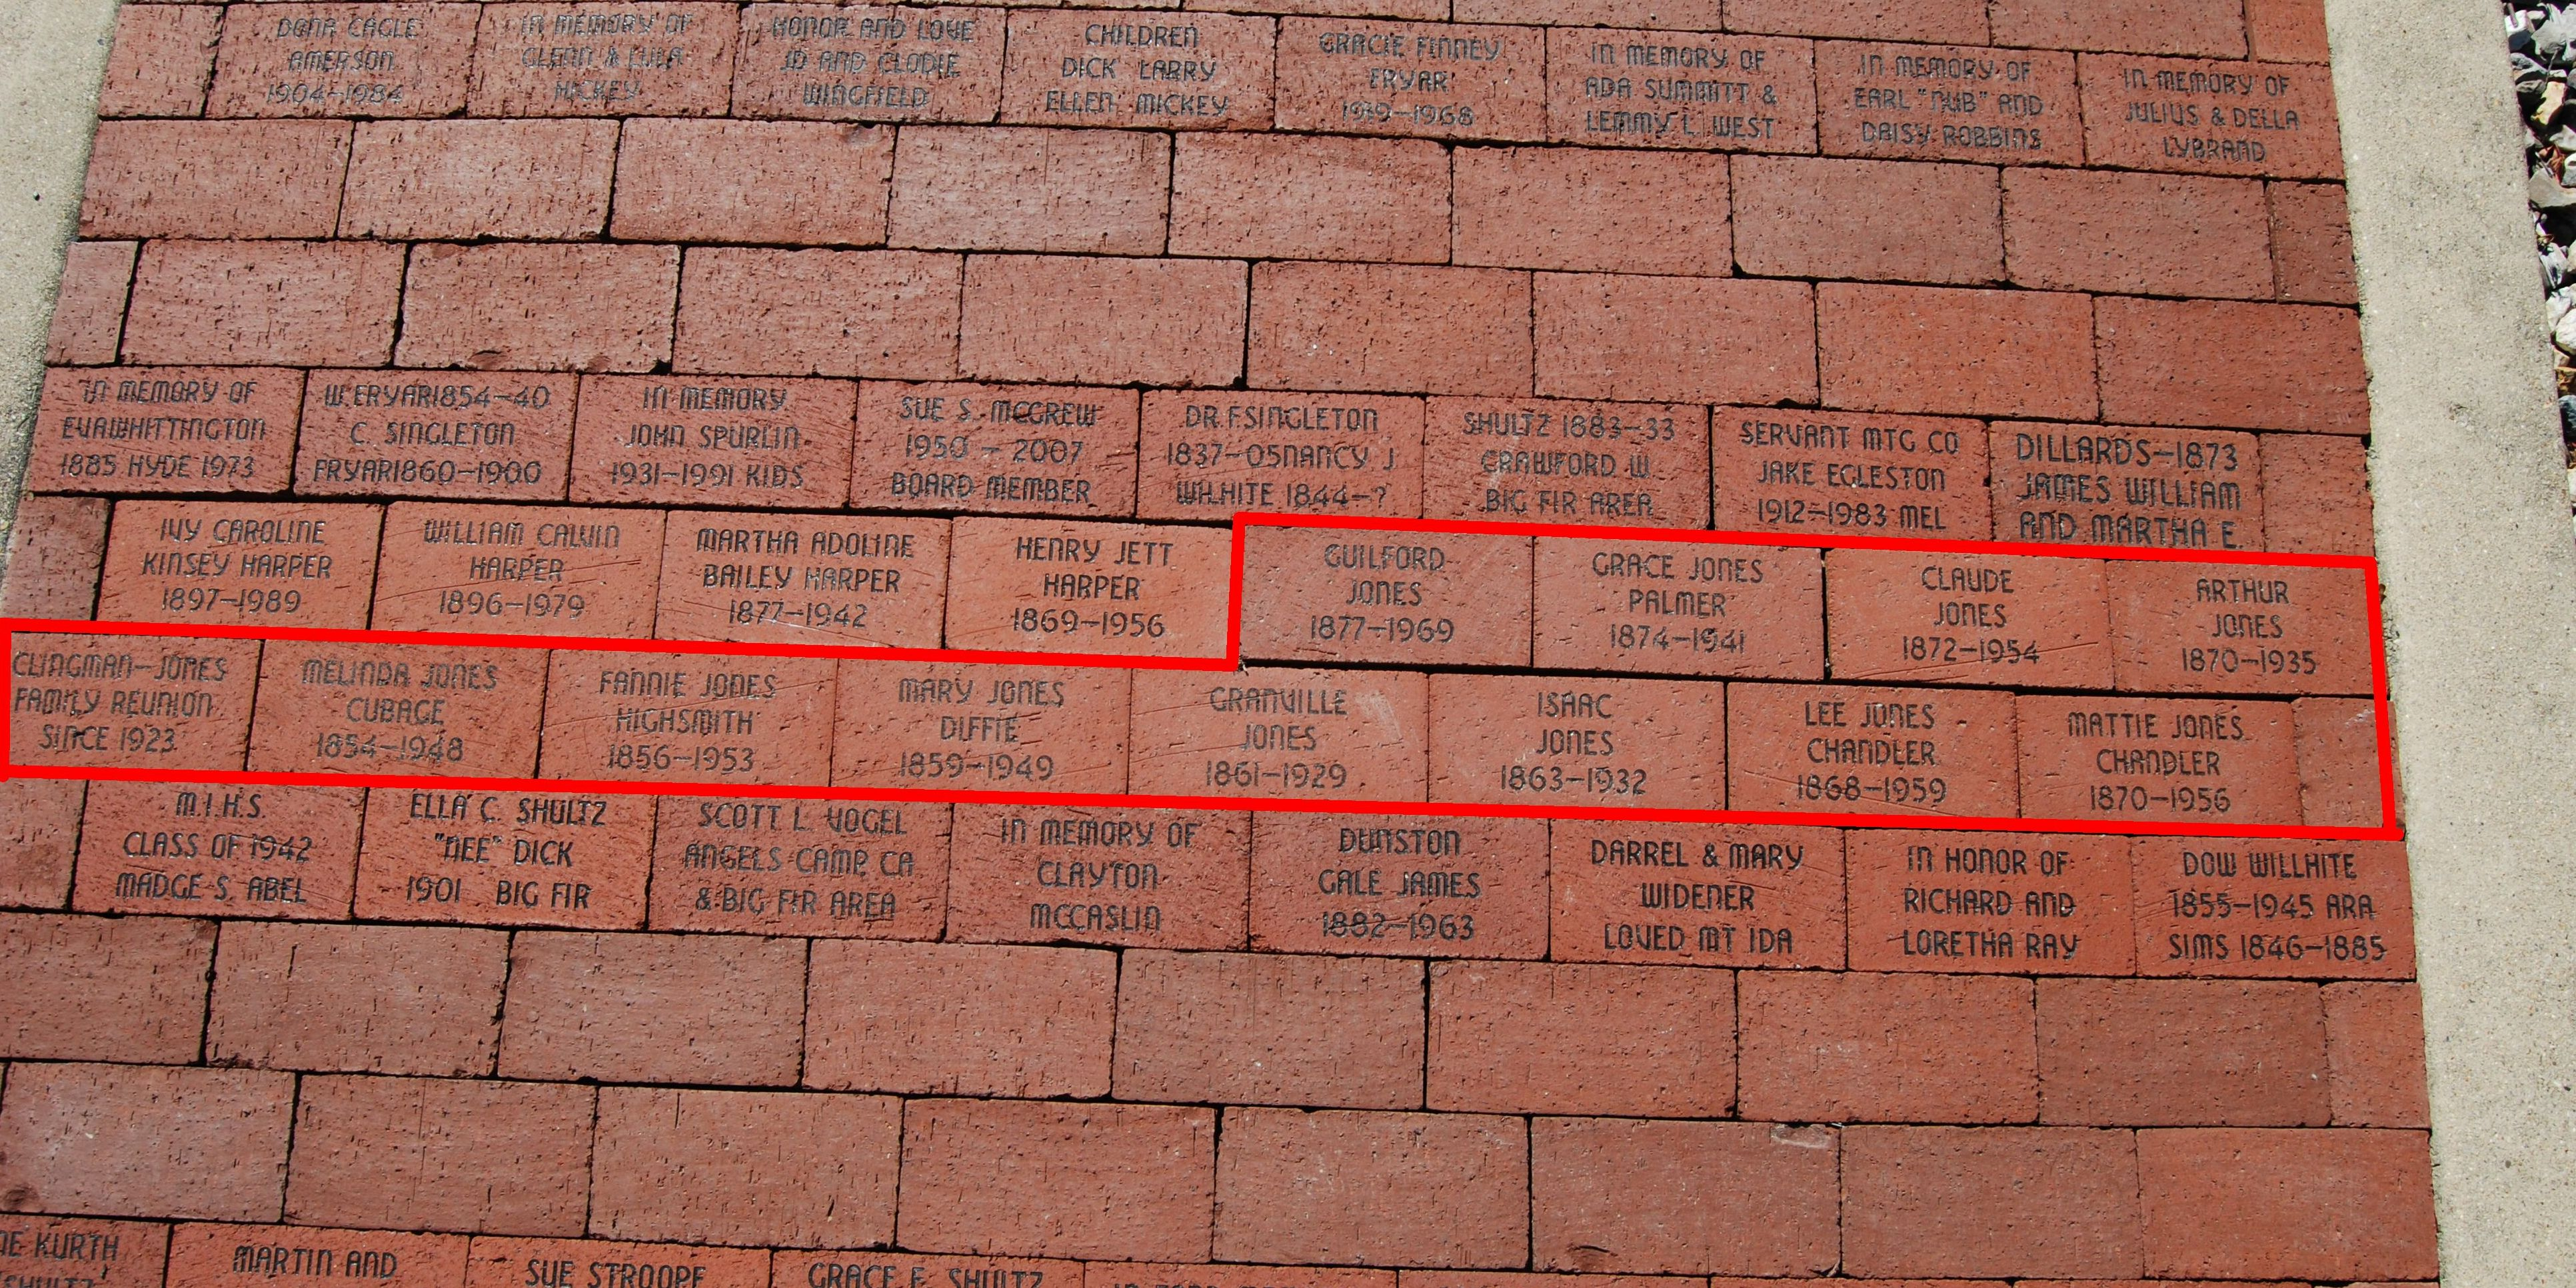 Clingman-Jones bricks Mt Ida Museum